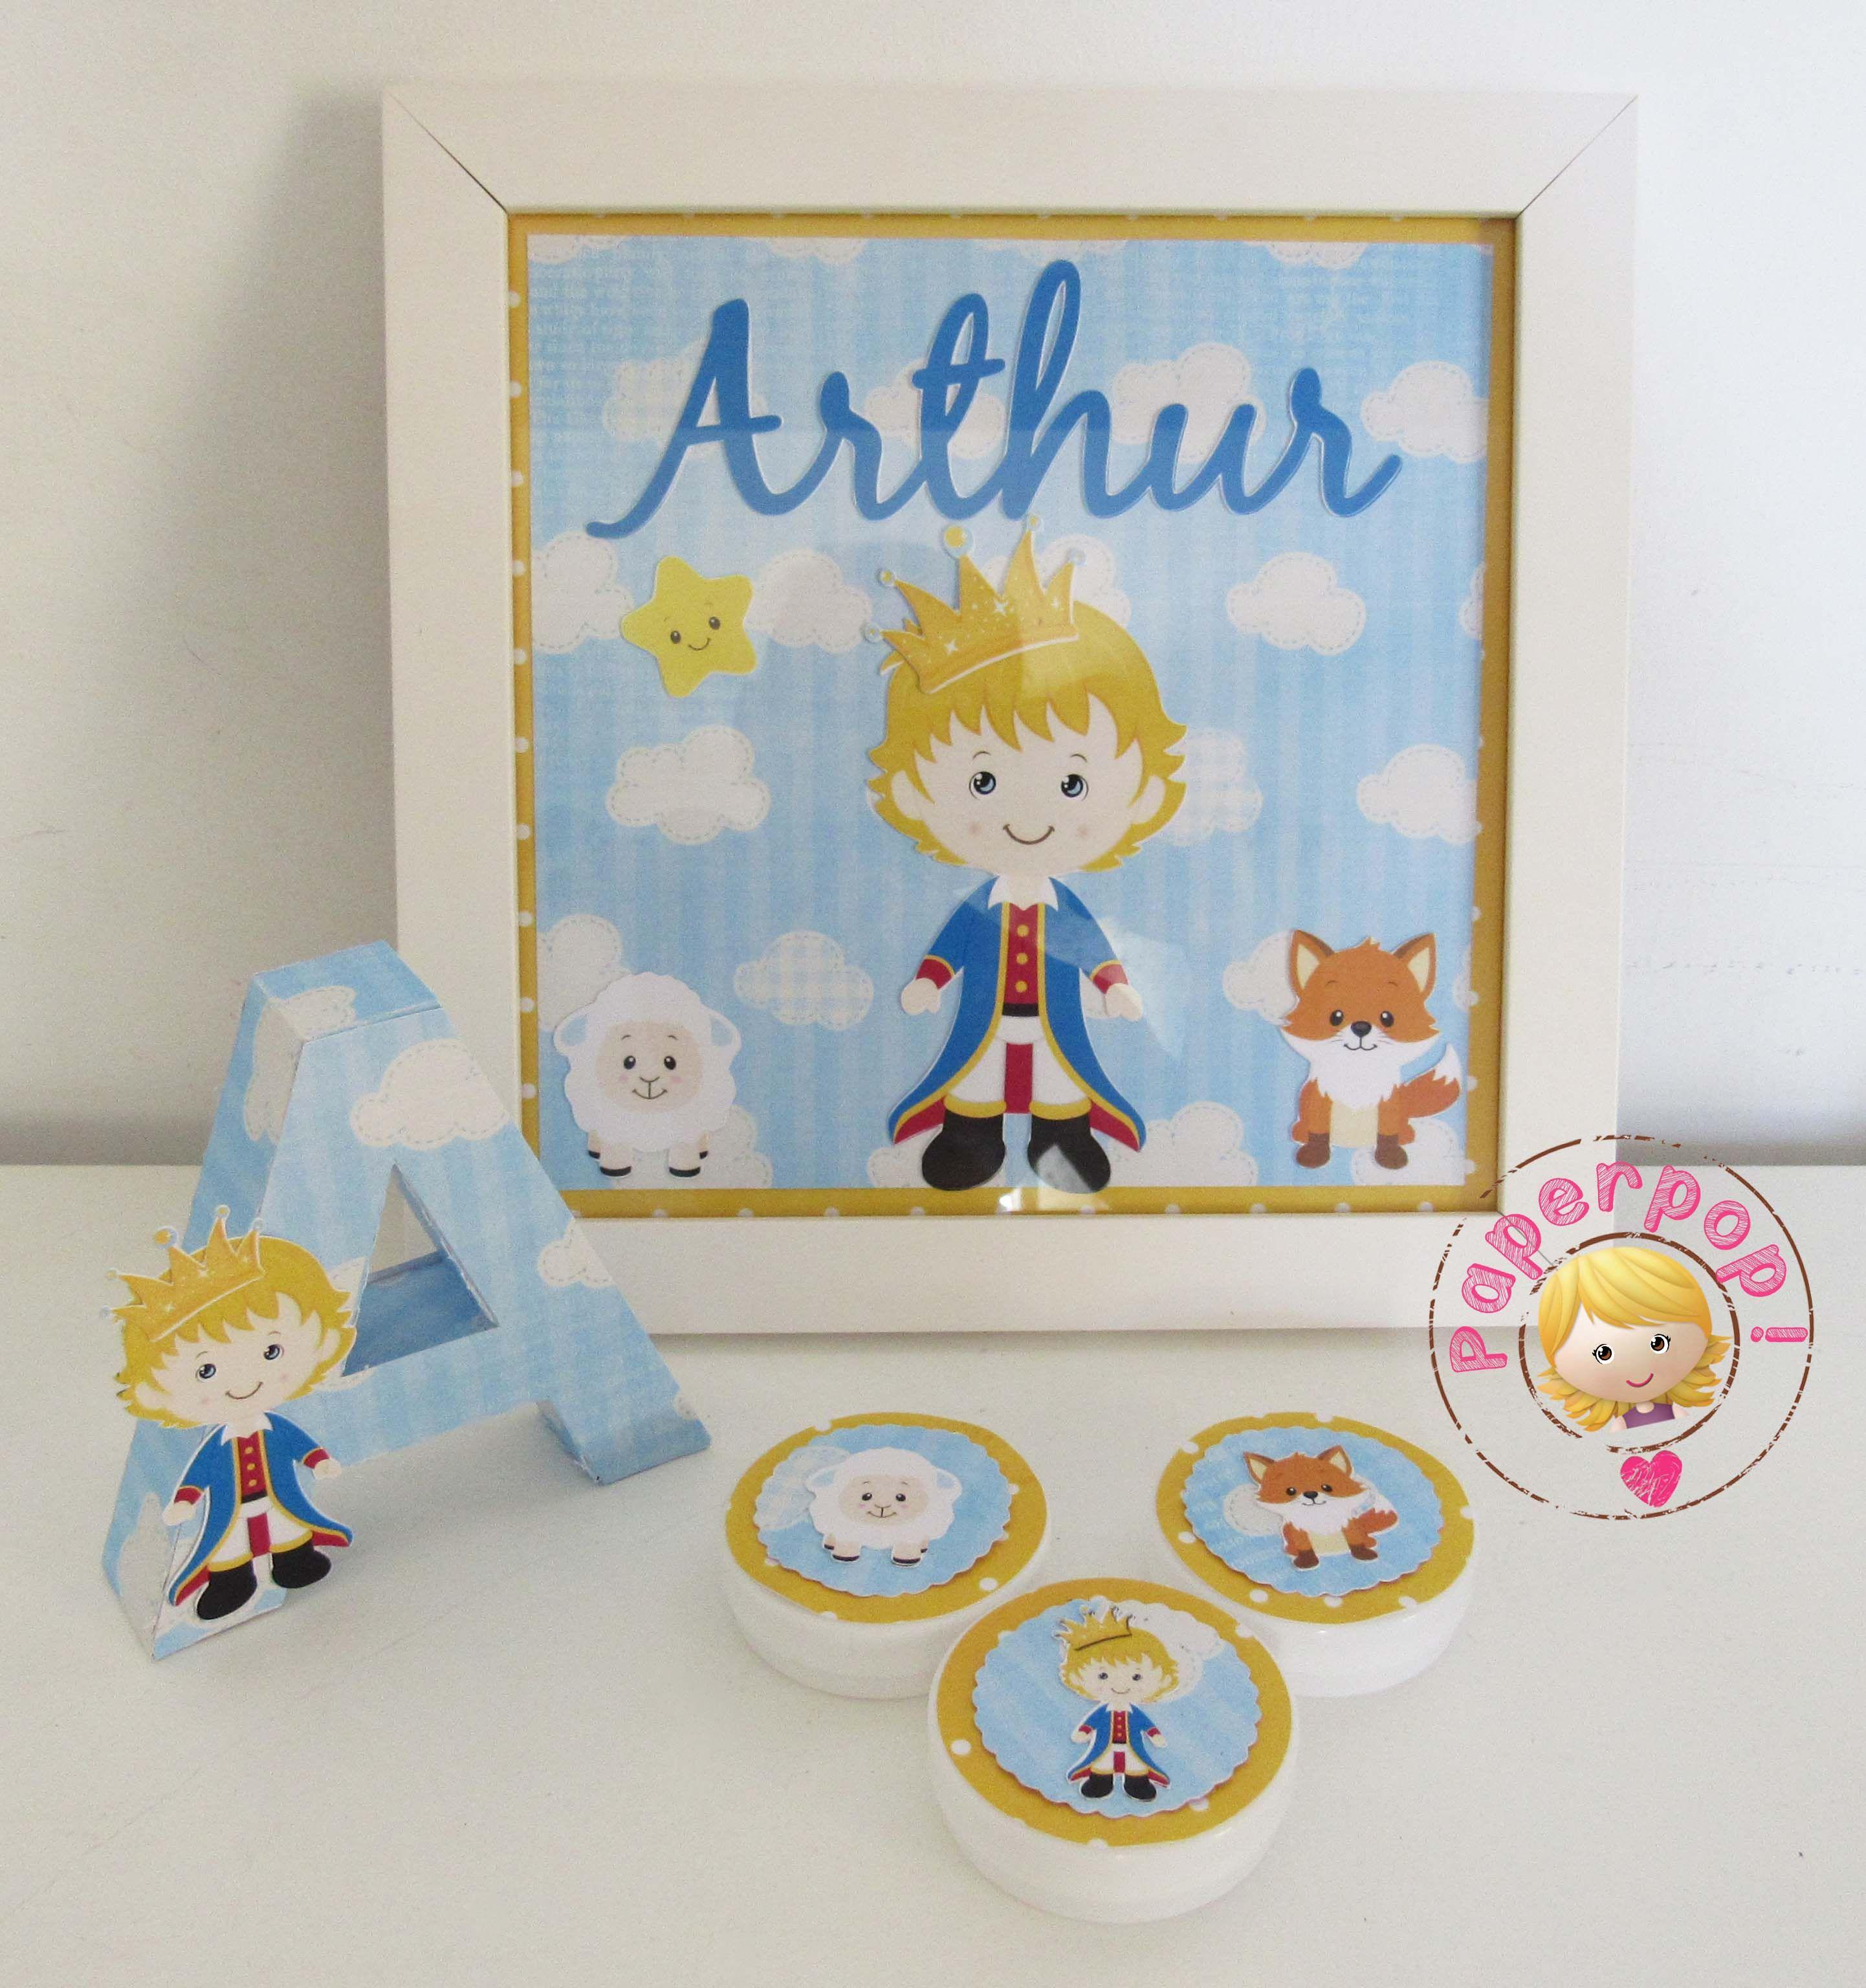 Enfeite de porta, letras decorativas e latinhas decoradas no tema pequeno príncipe. Pedidos e orçamentos: paperpop.br@gmail.com